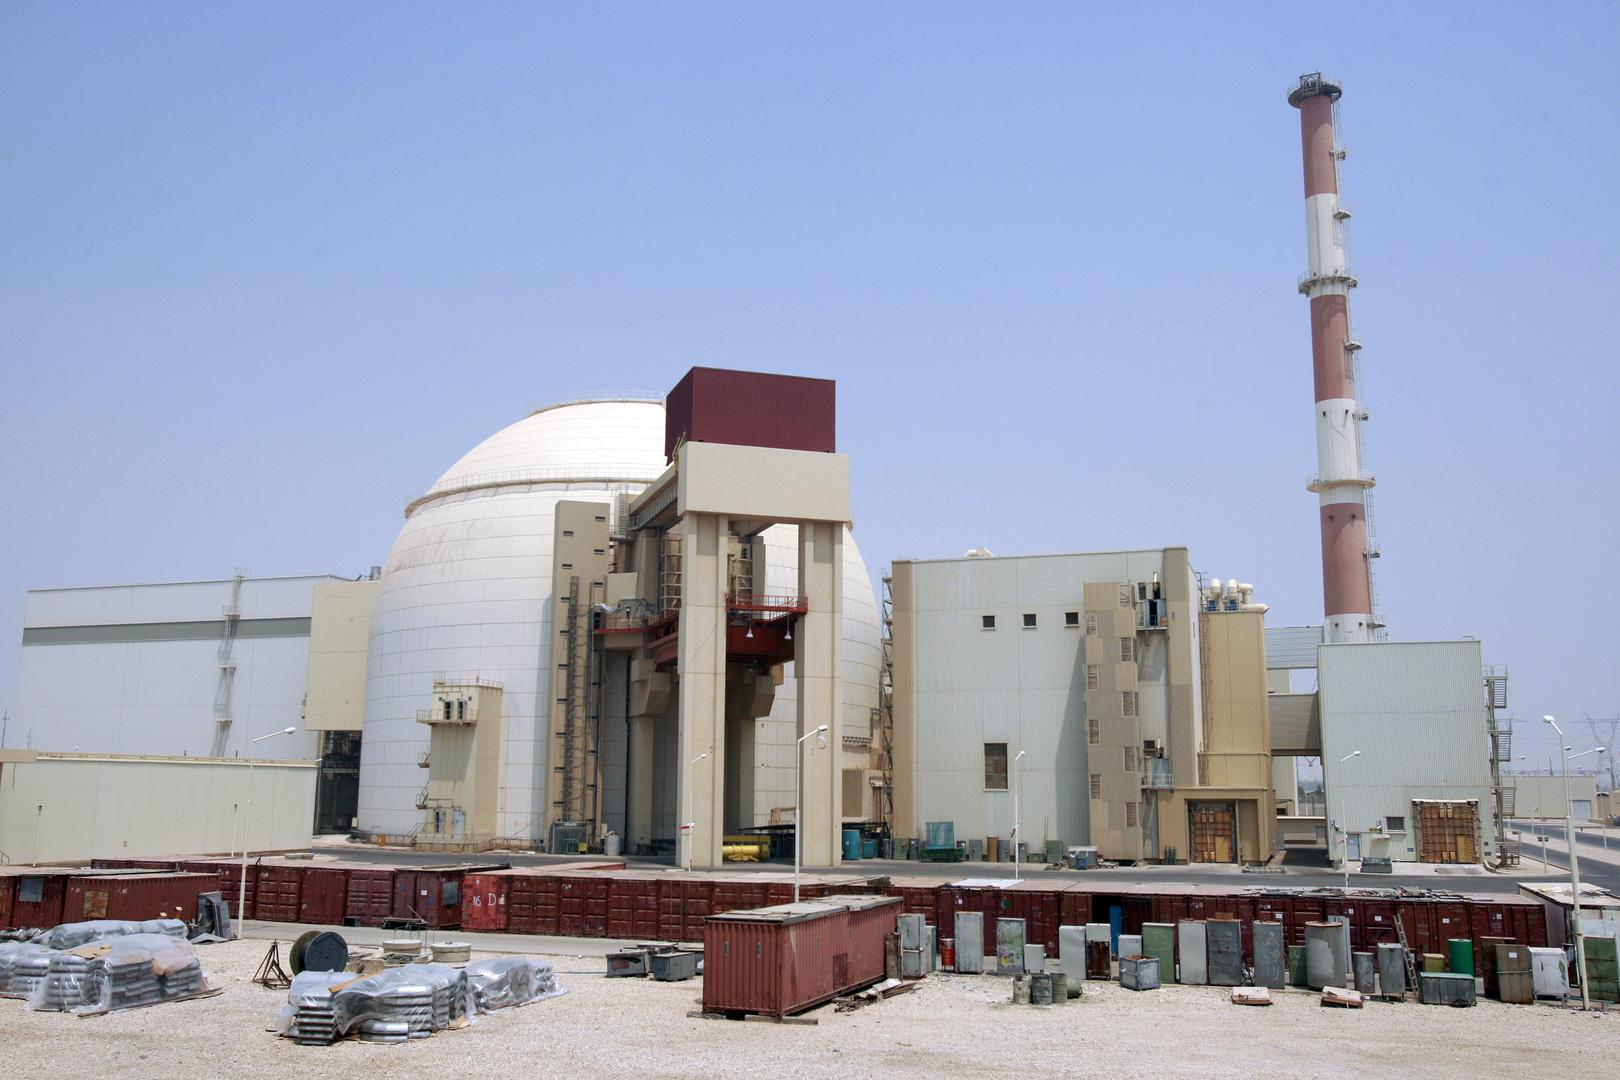 منظر عام لمفاعل بوشهر النووي الرئيسي، أرشيف